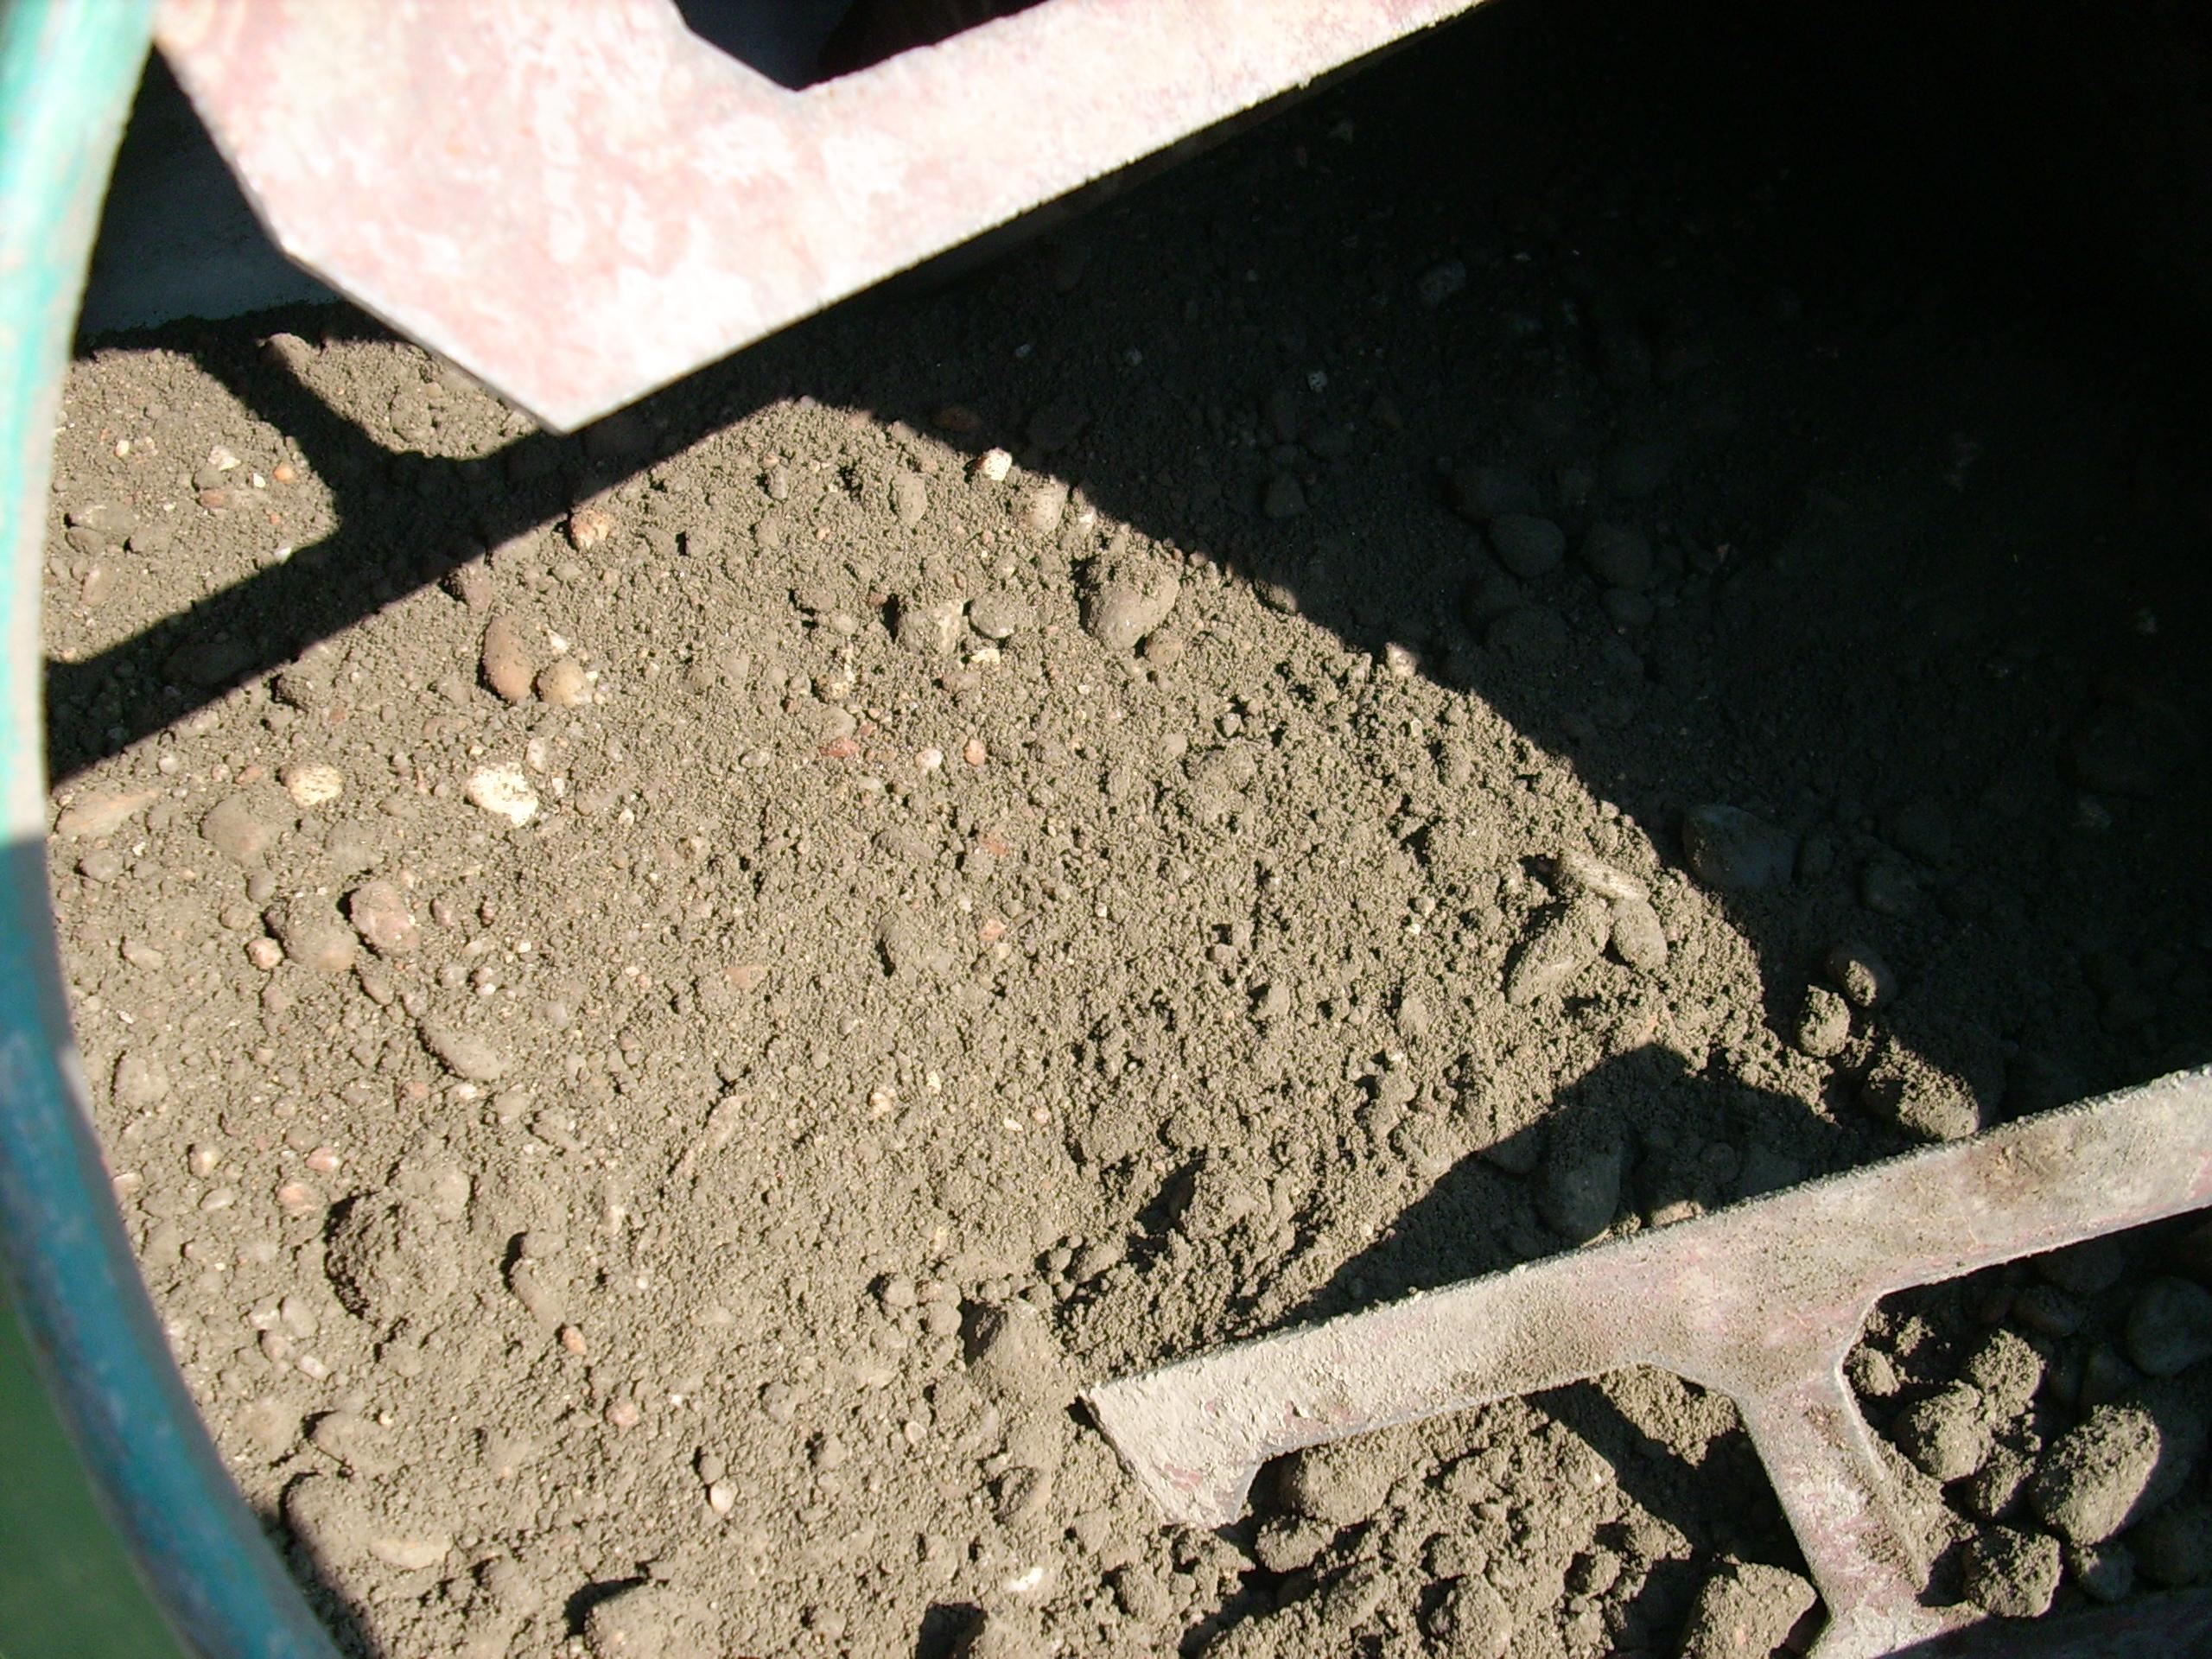 Prepararea betonului hidroizolat in toata masa UNICO PROFIT - Poza 11